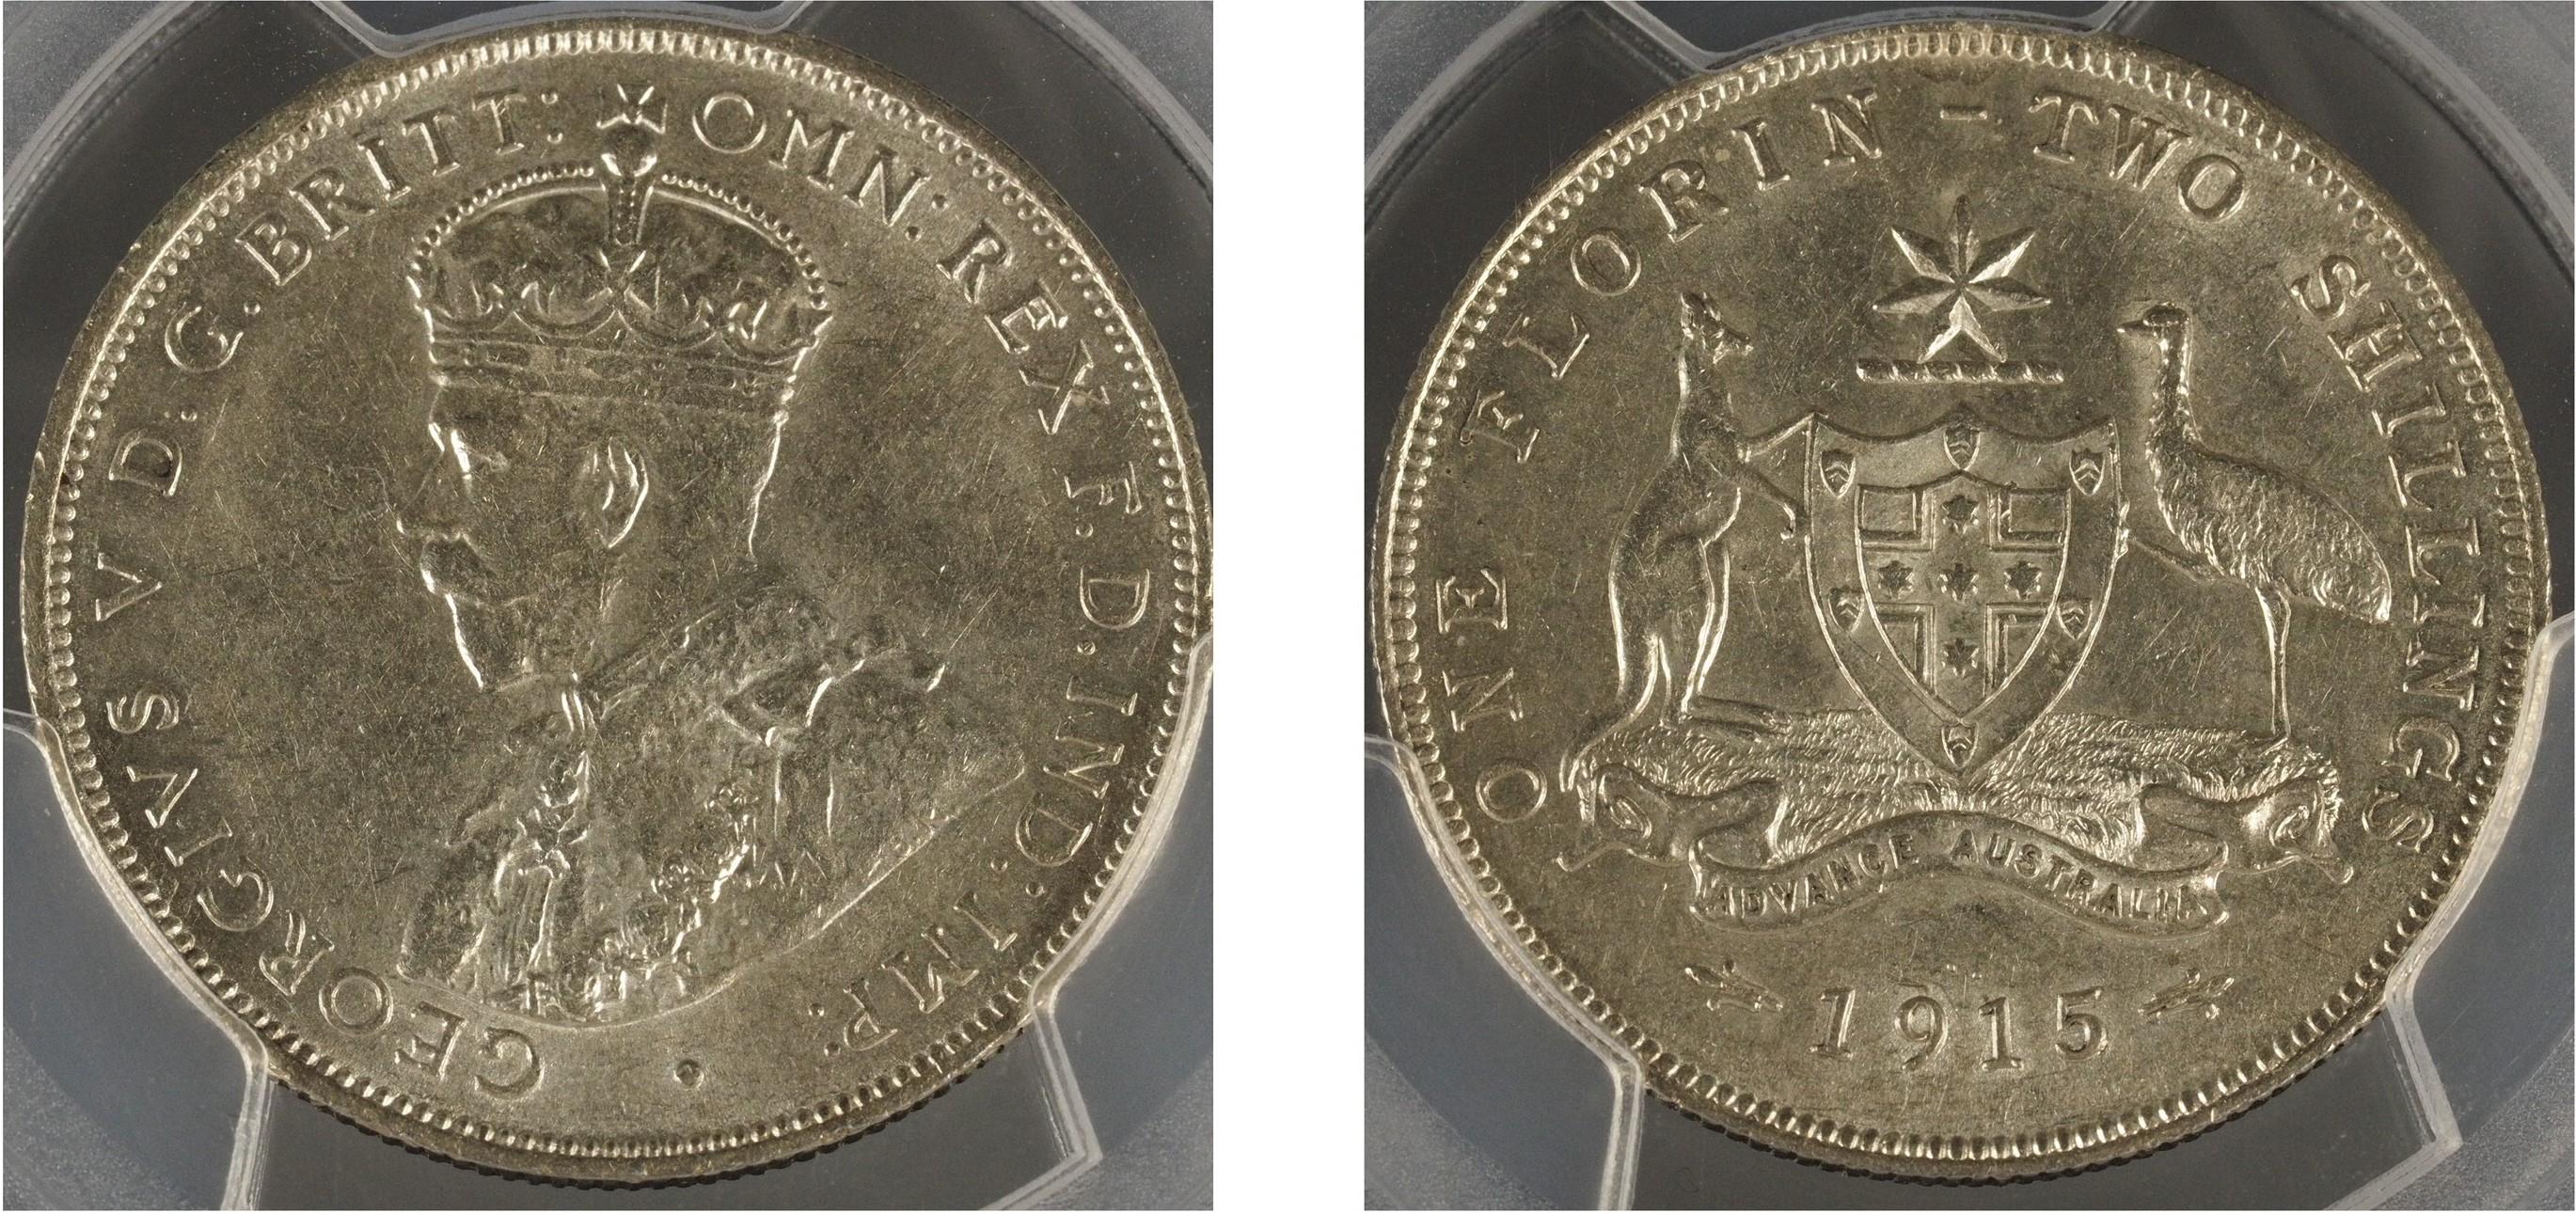 Australia 1915L Florin PCGS AU58